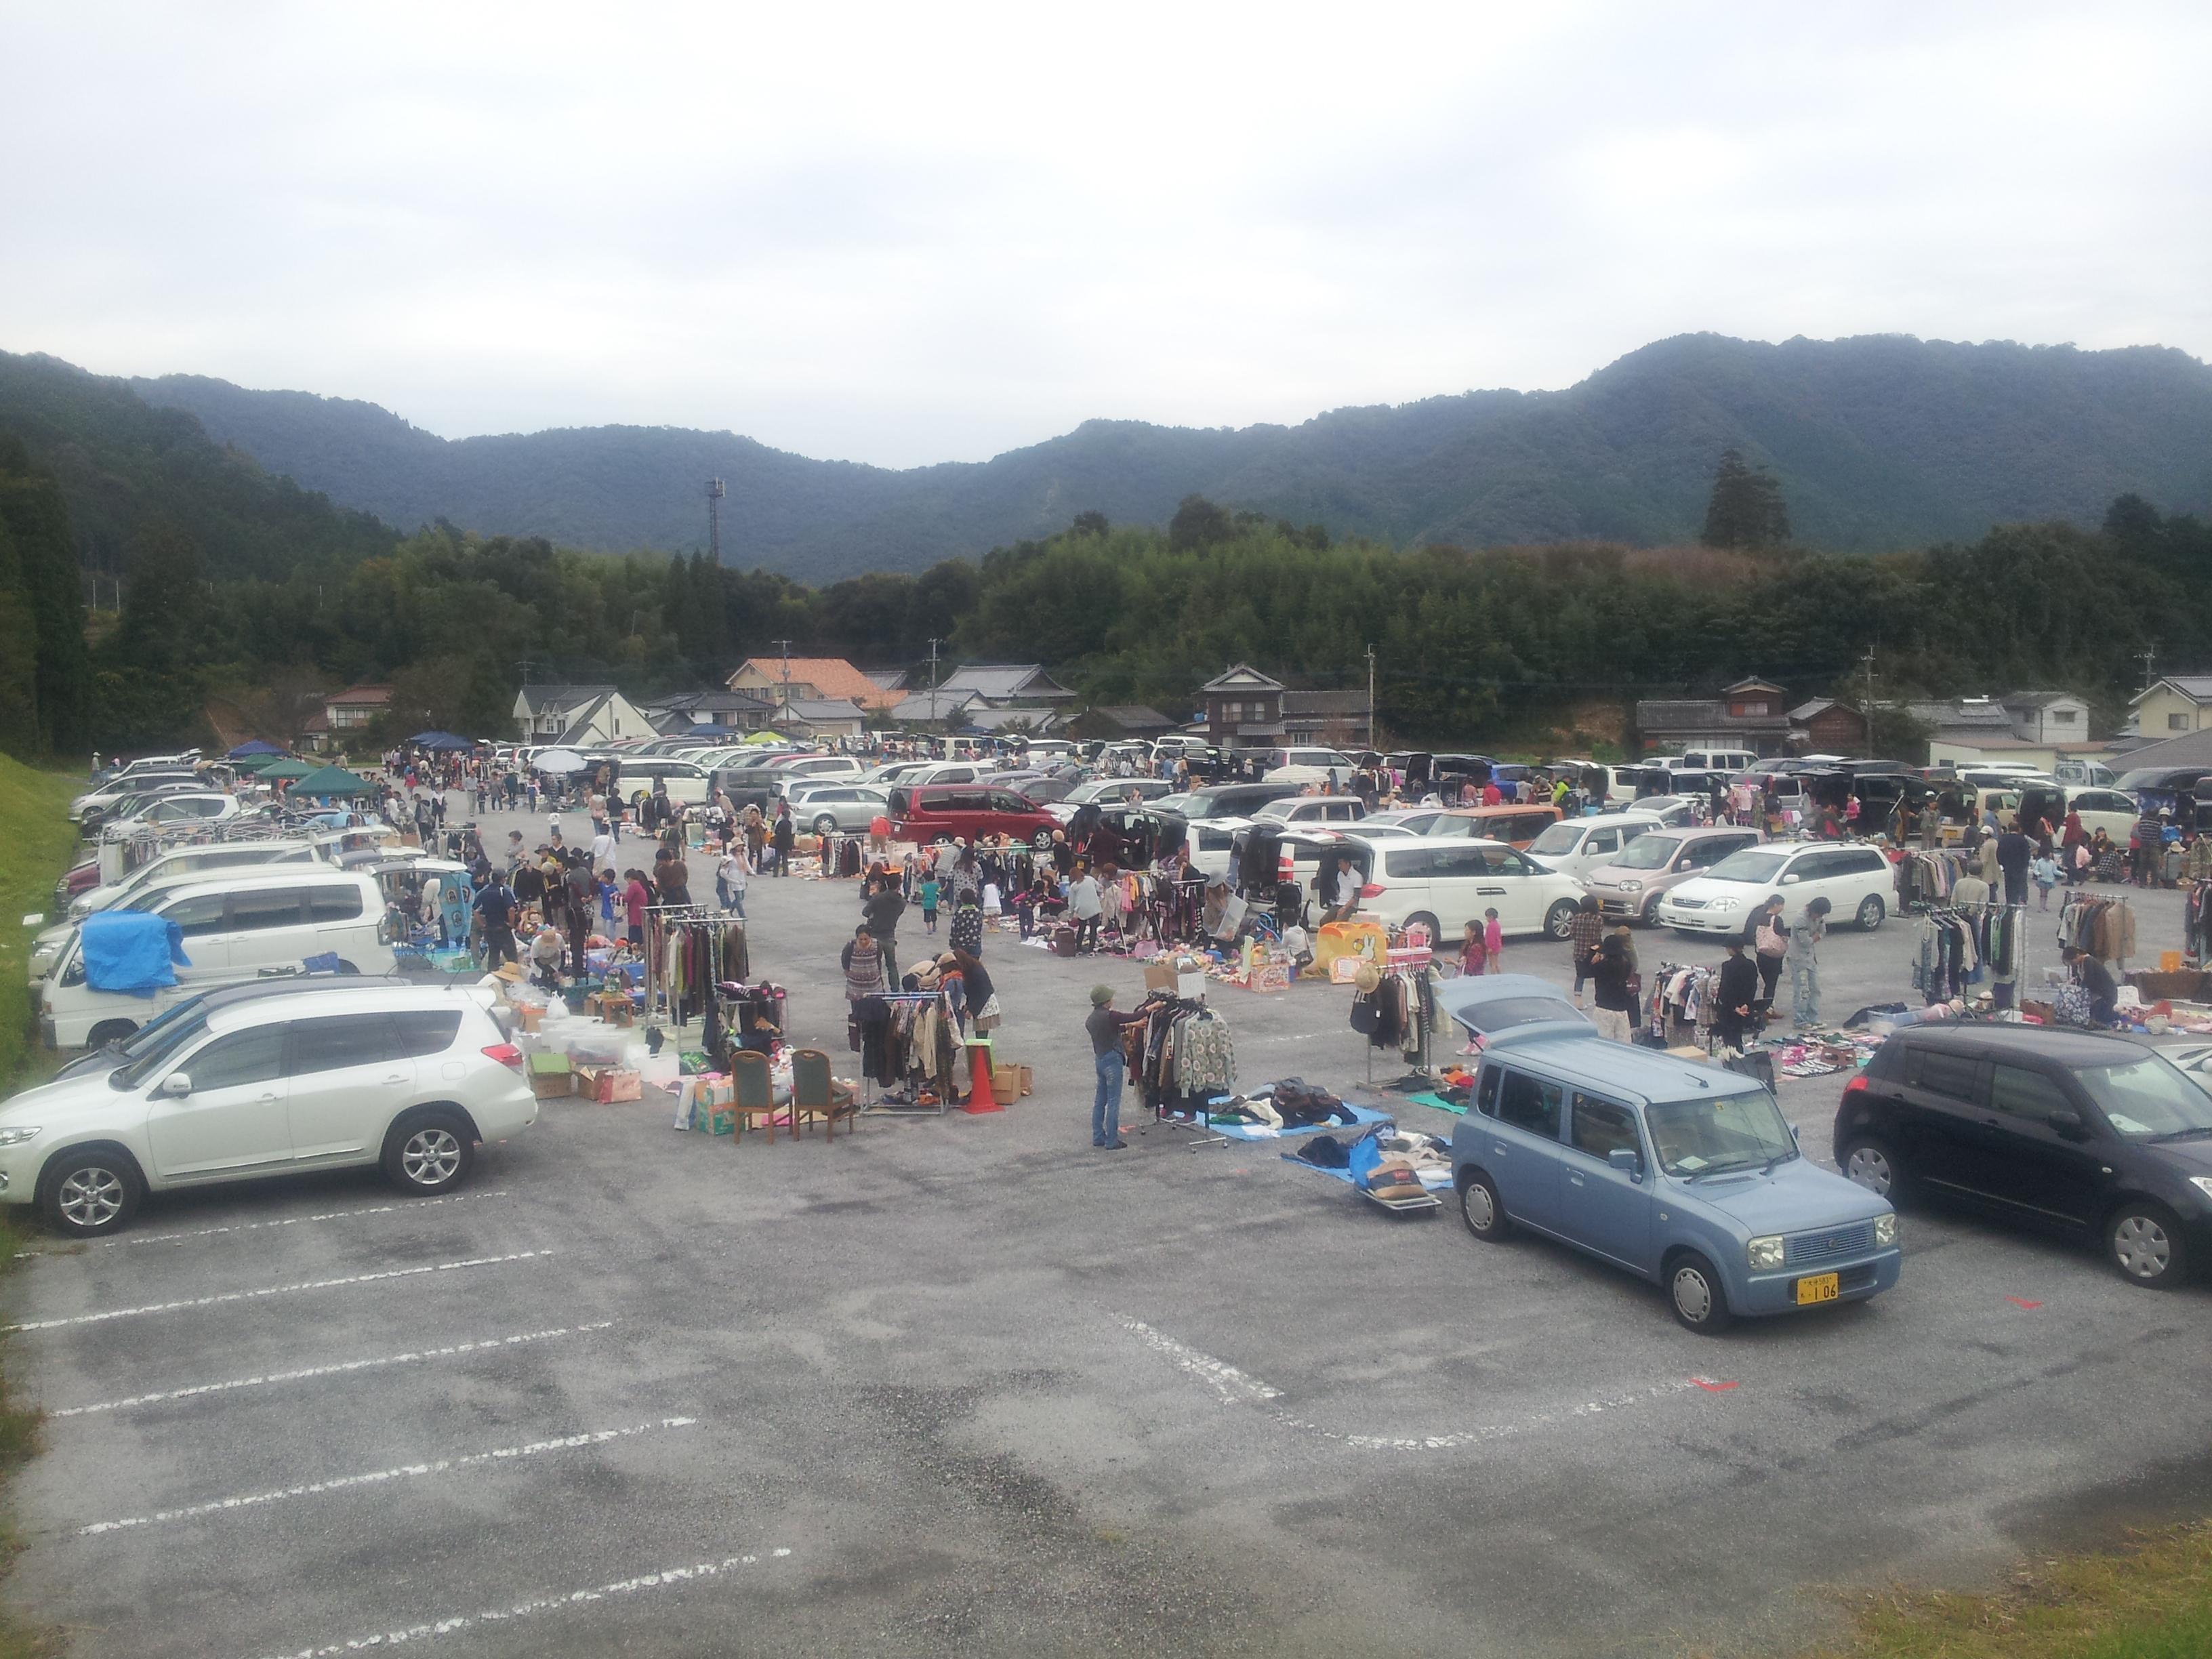 2012-10-14_09.02.13.jpg